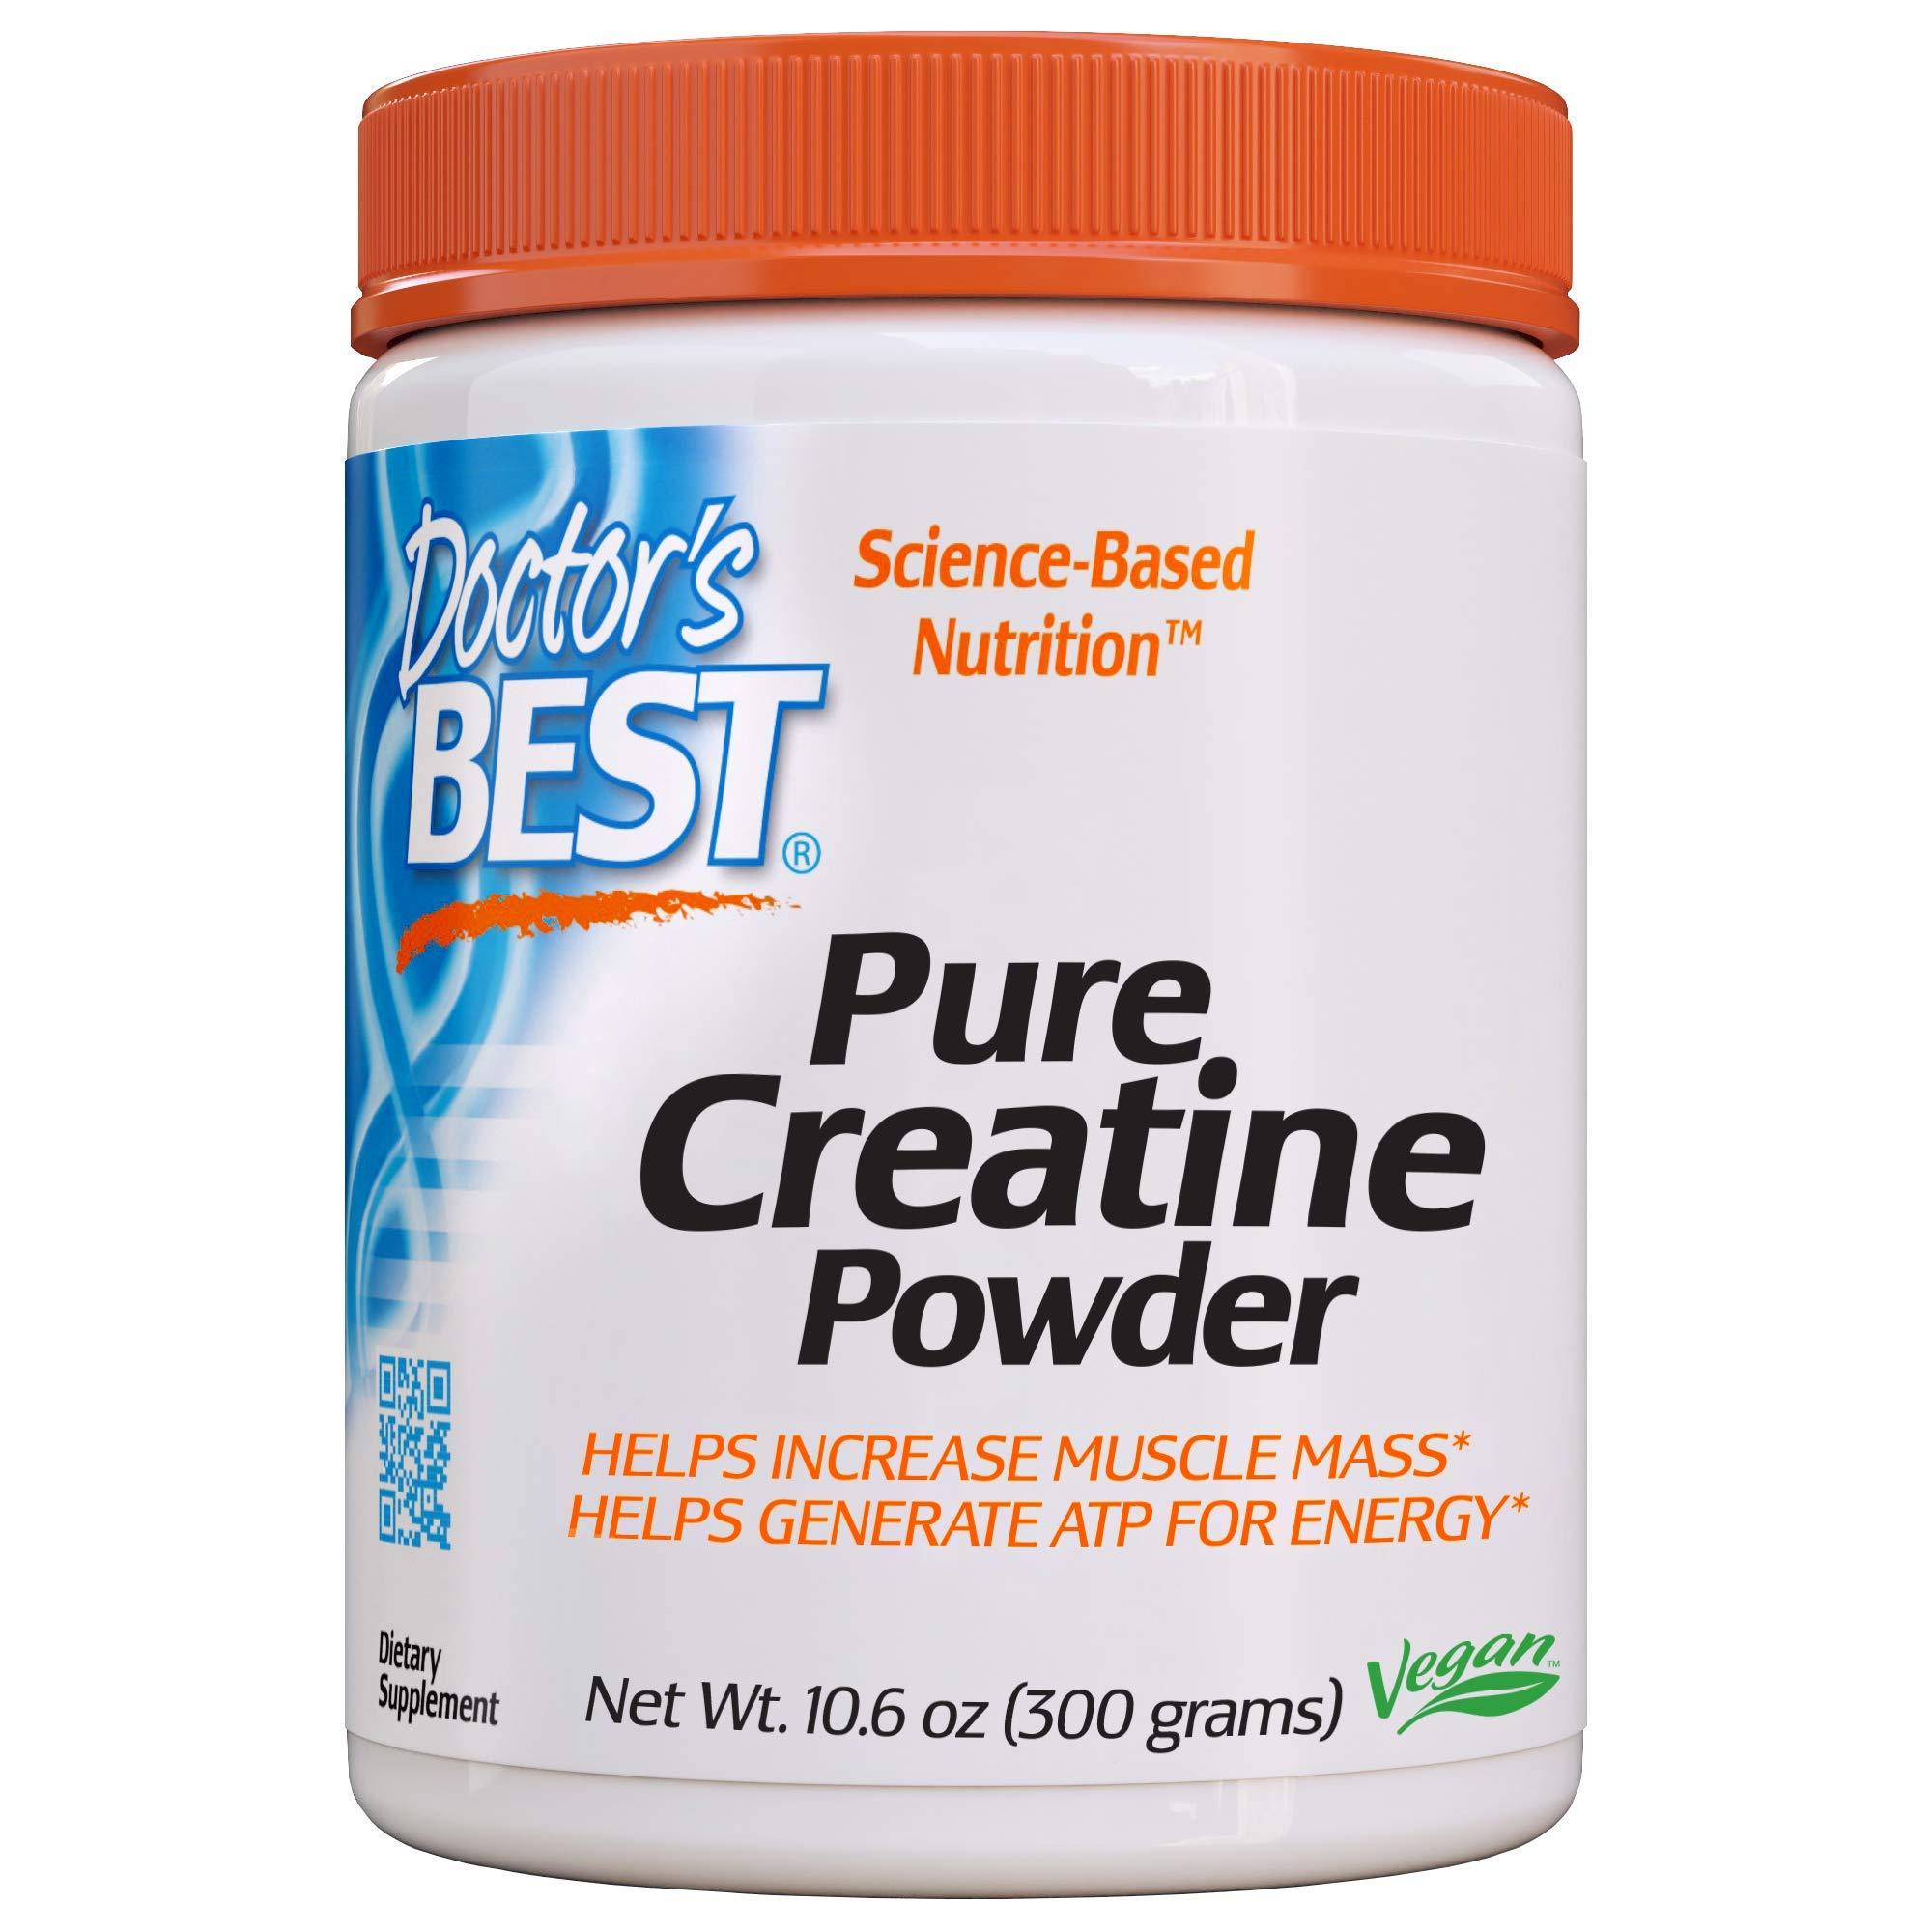 Doctor's Best Pure Creatine Powder, Non-GMO, Vegan, Gluten Free, 300g